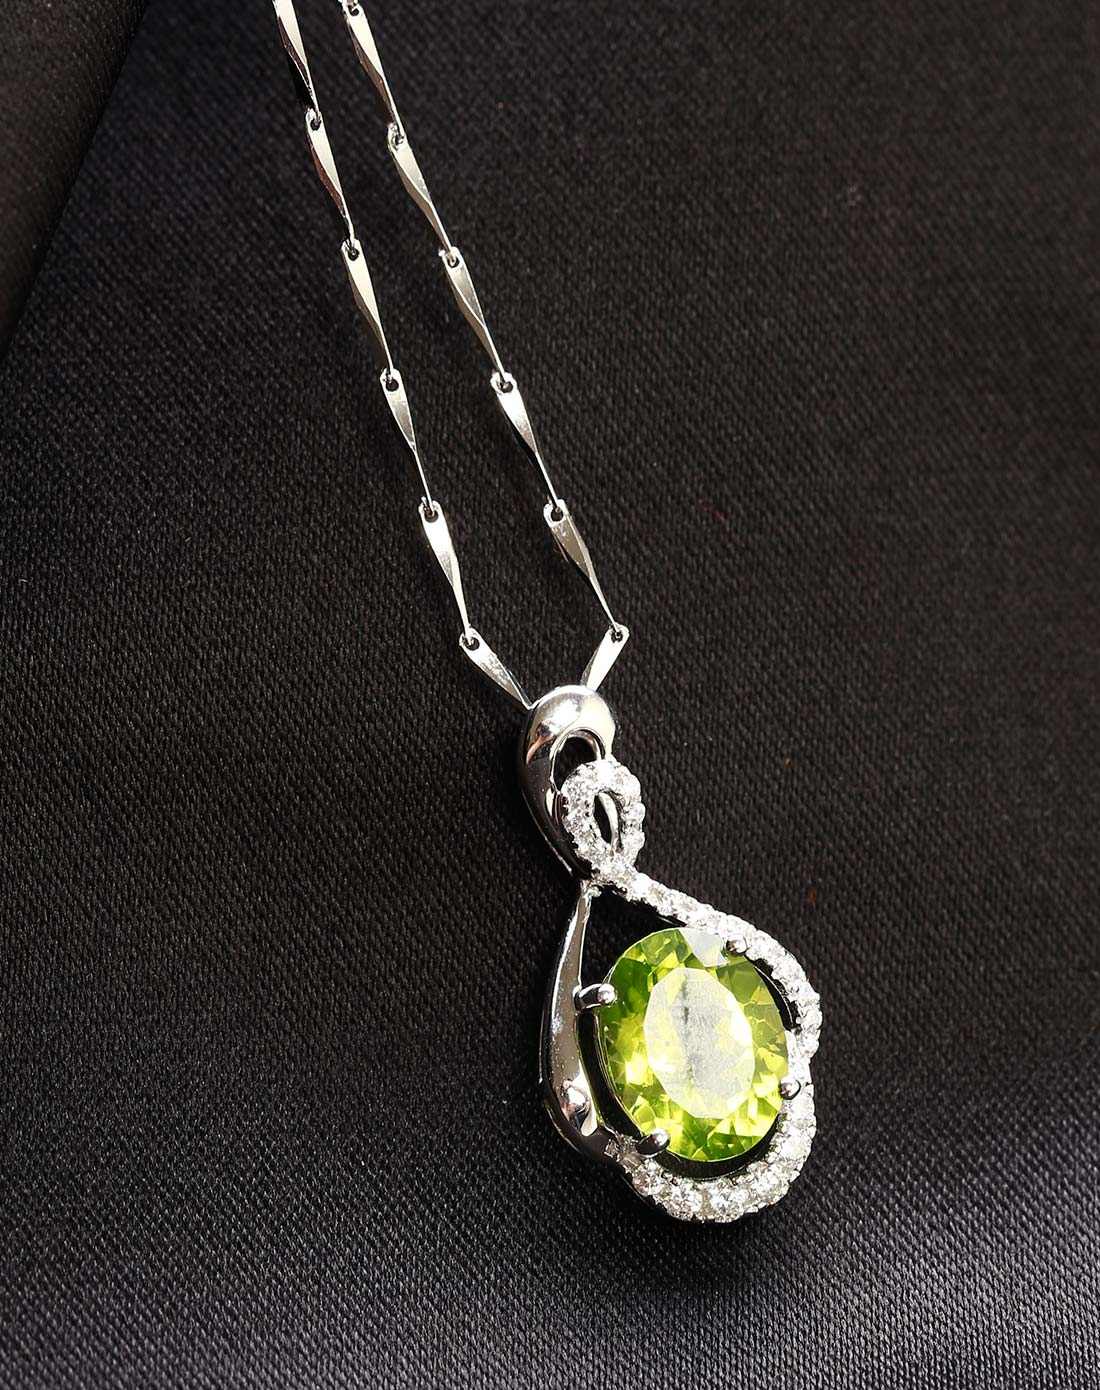 晶石灵chenim饰品专场-925银橄榄石吊坠